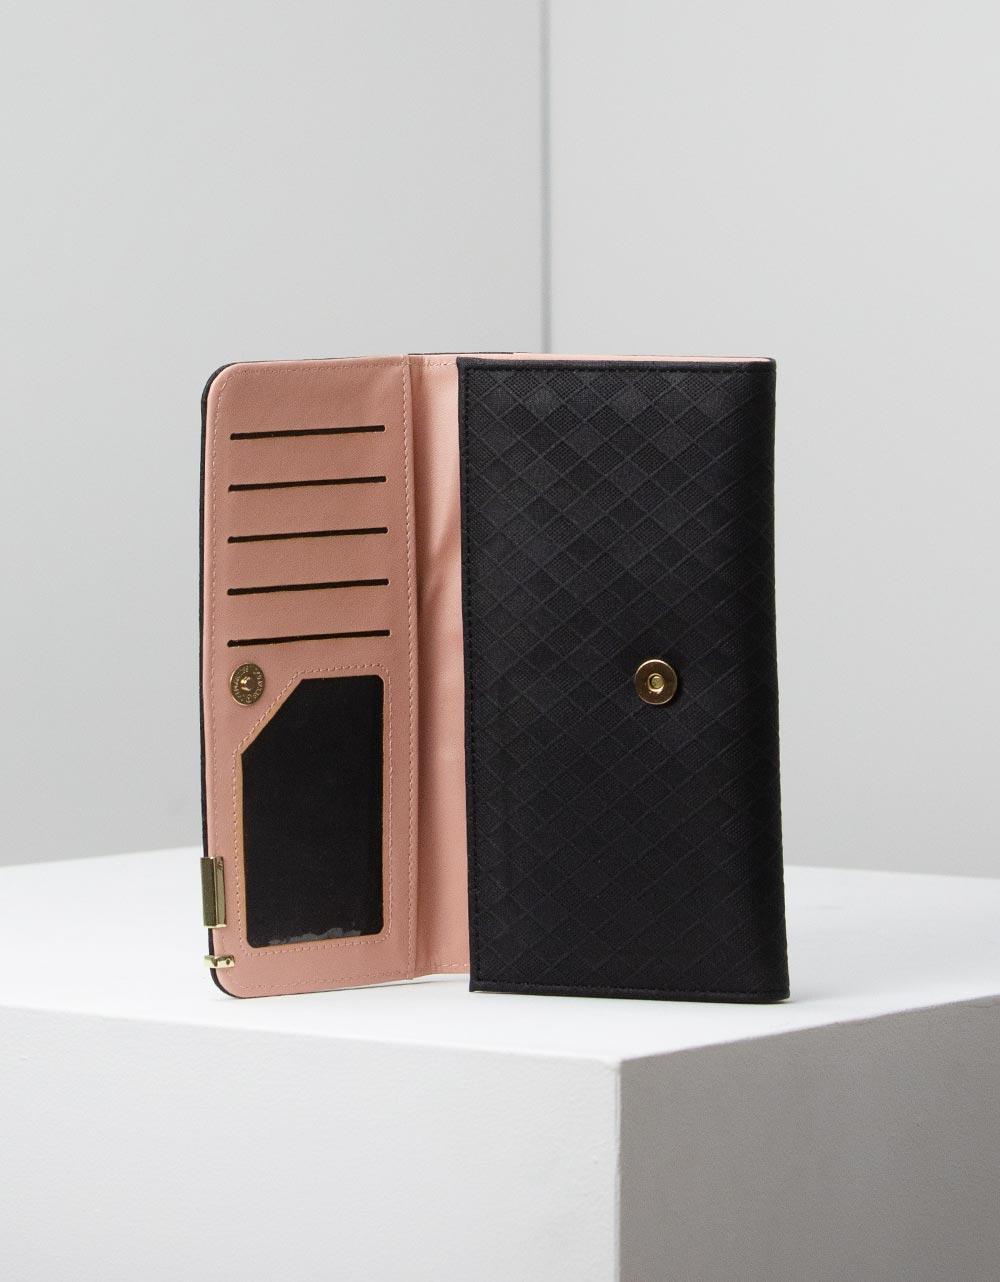 Εικόνα από Γυναικεία πορτοφόλια με ανάγλυφο σχέδιο Μαύρο